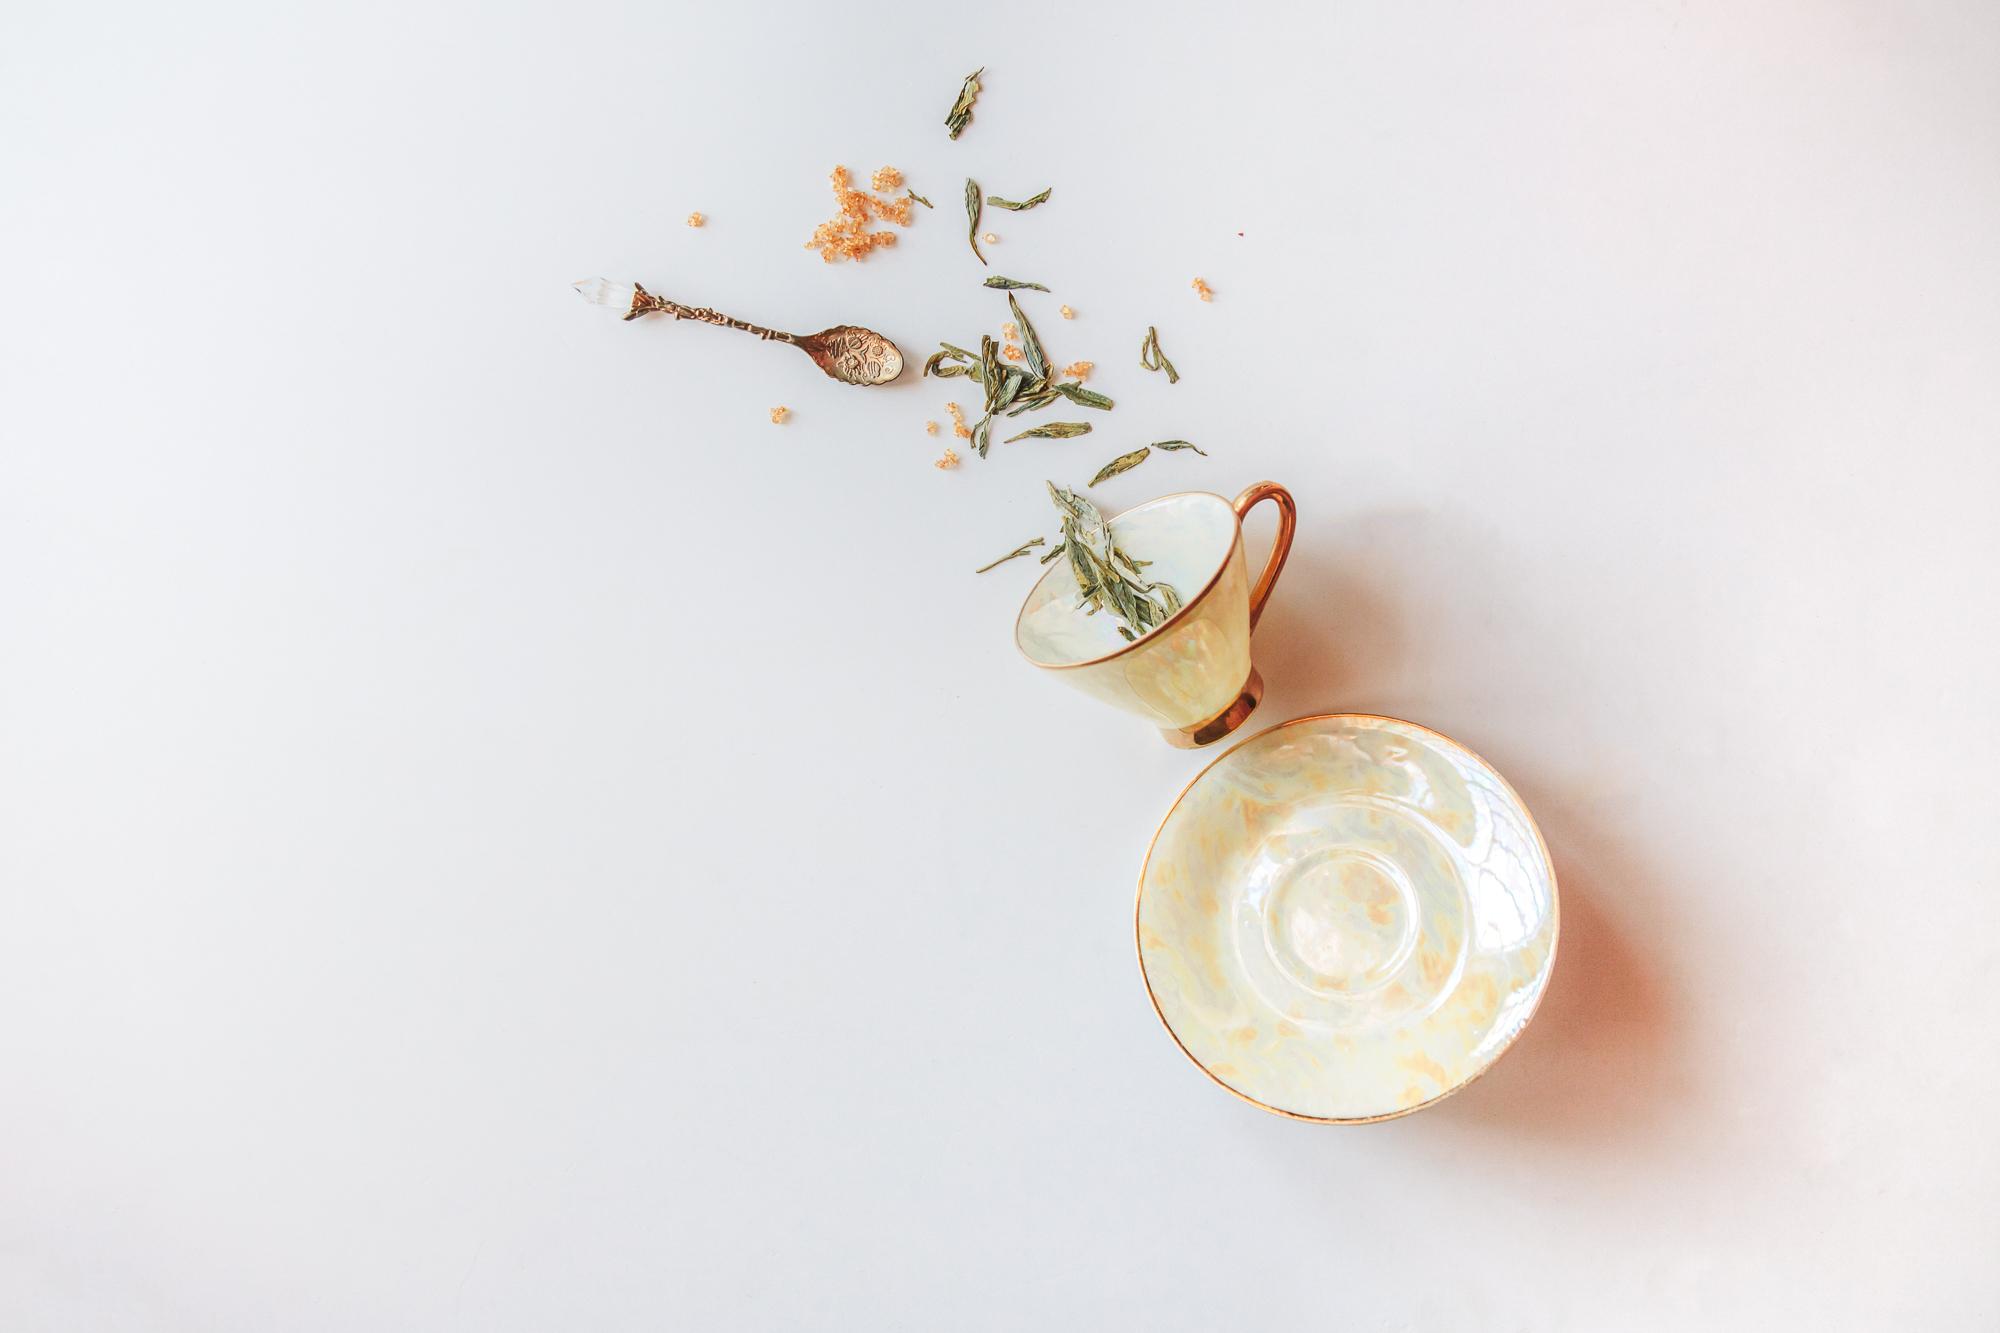 Recipe for lemongrass tea | Goya Journal, Mark Swaroop, Soup